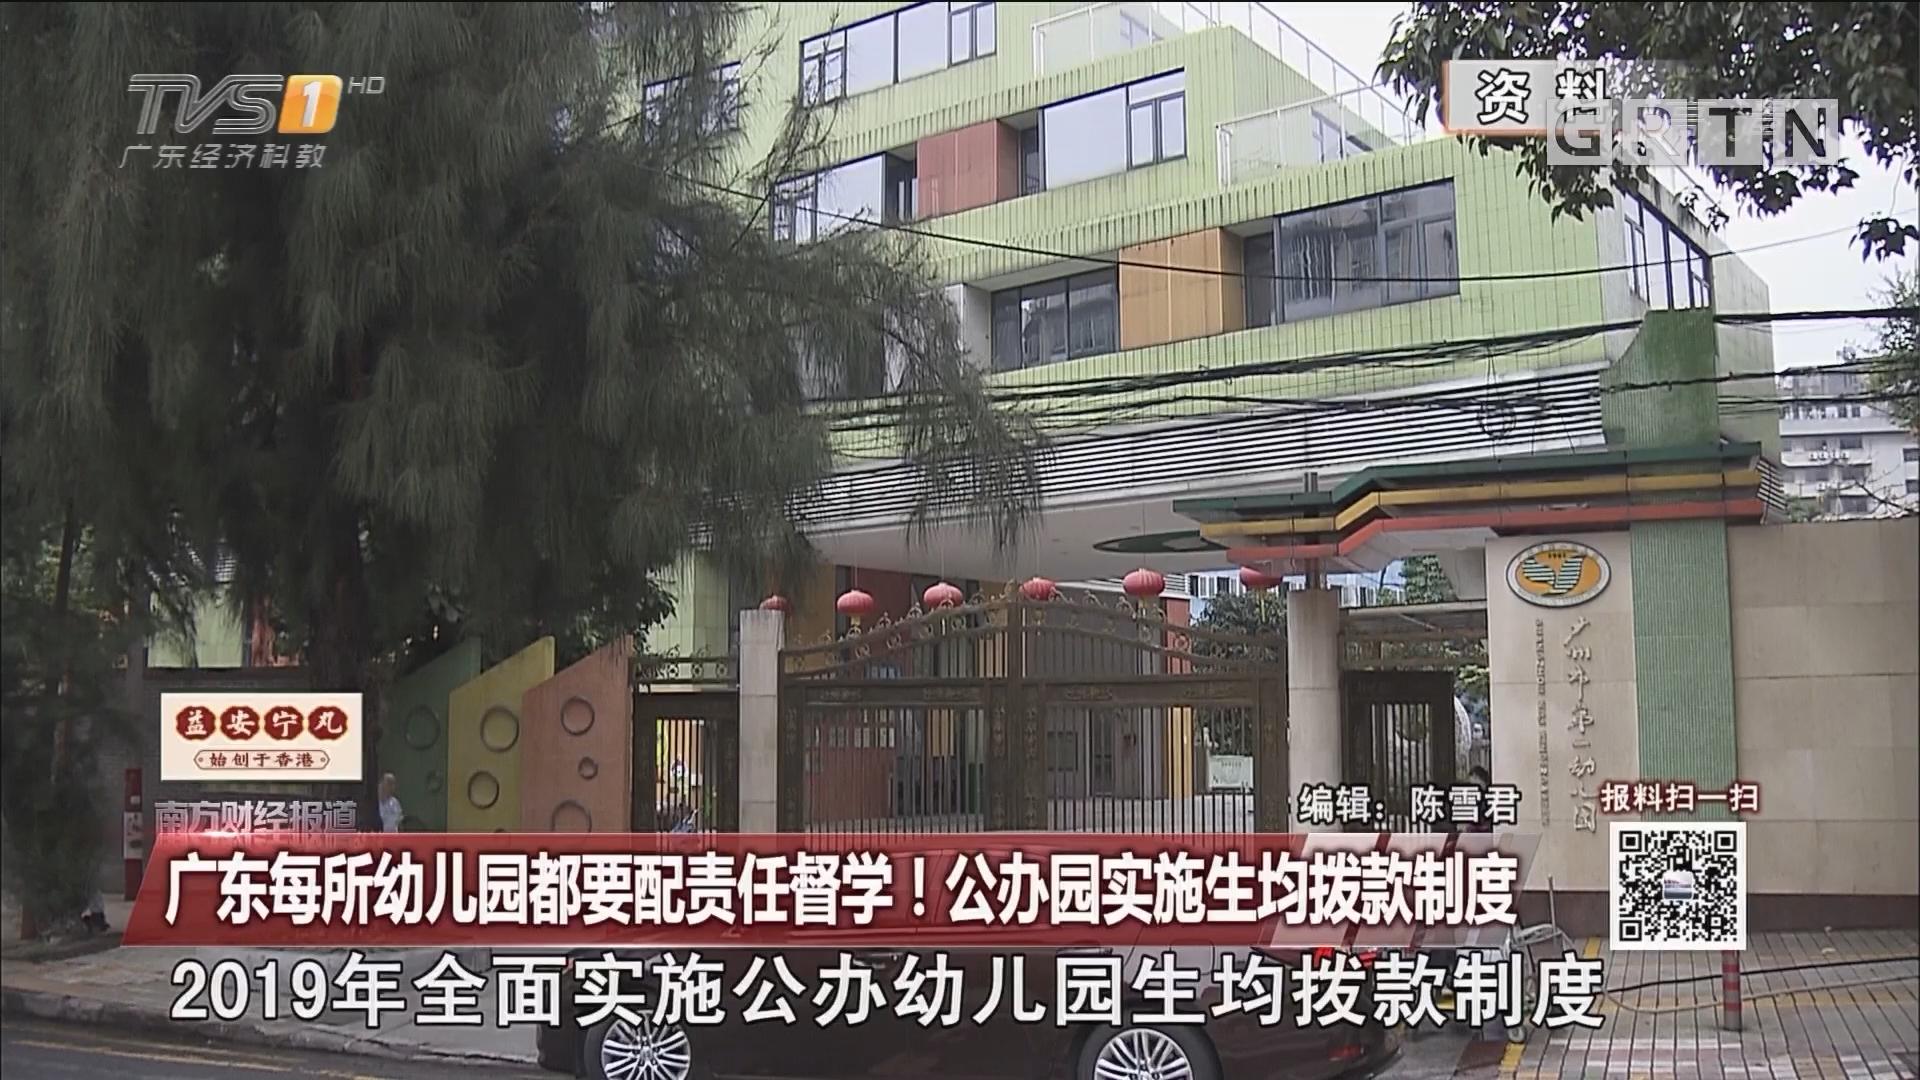 广东每所幼儿园都要配责任督学!公办园实施生均拨款制度